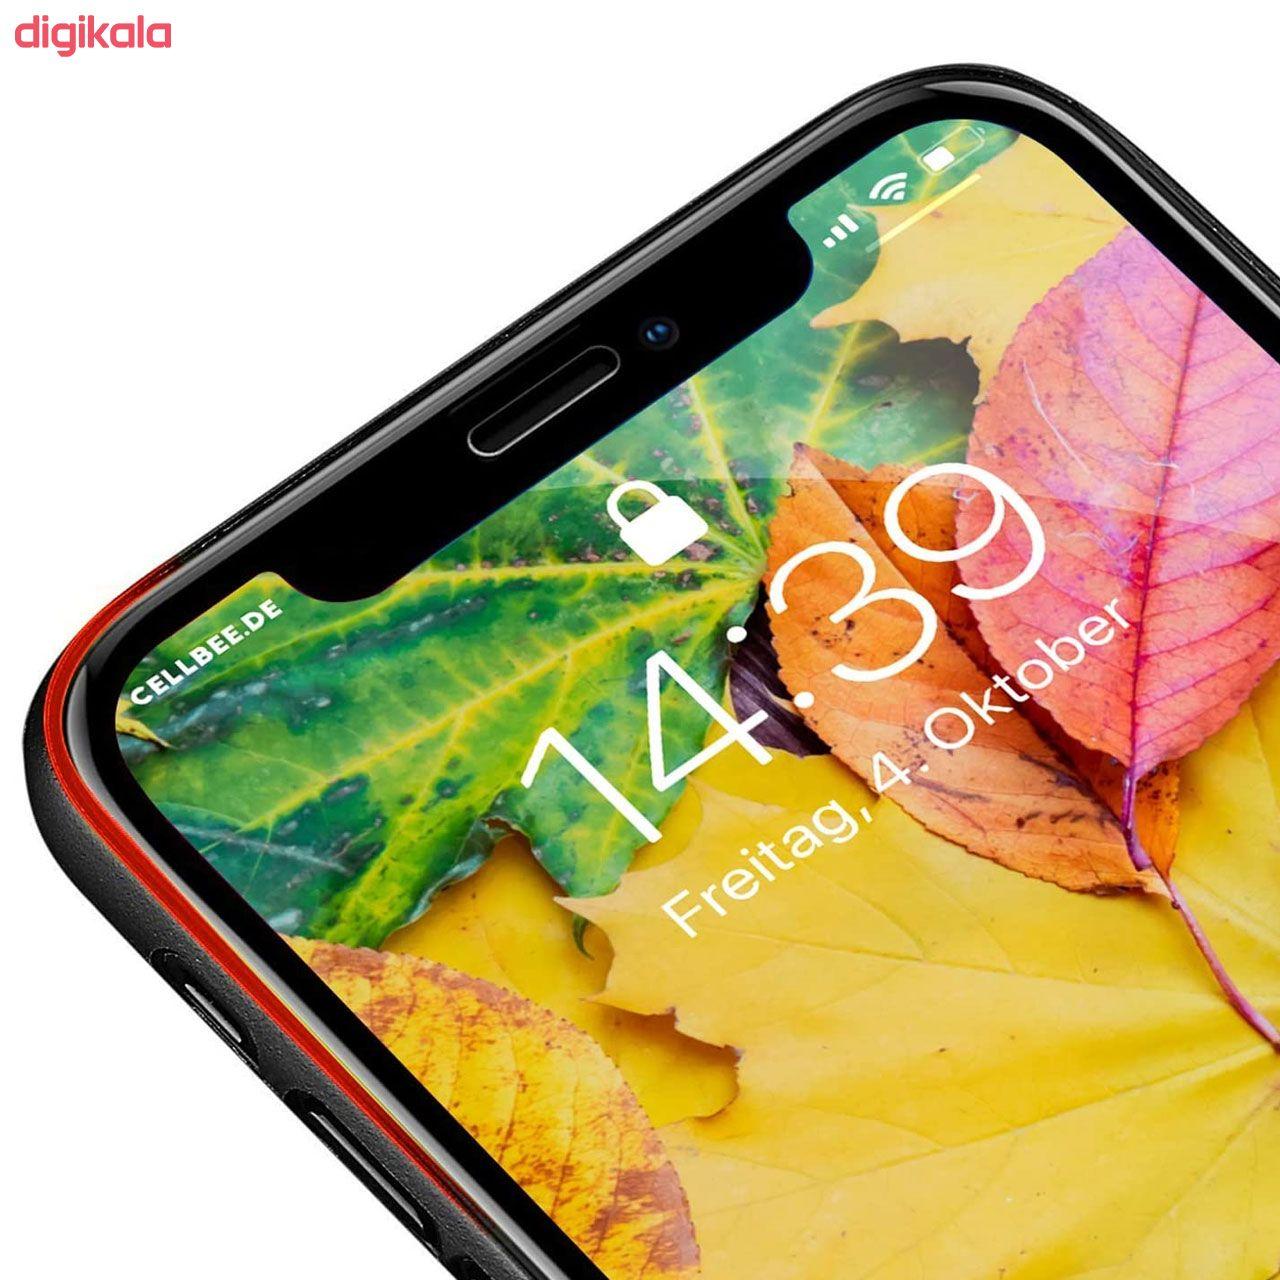 محافظ صفحه نمایش مدل FCG مناسب برای گوشی موبایل اپل iPhone 12 mini بسته دو عددی main 1 4